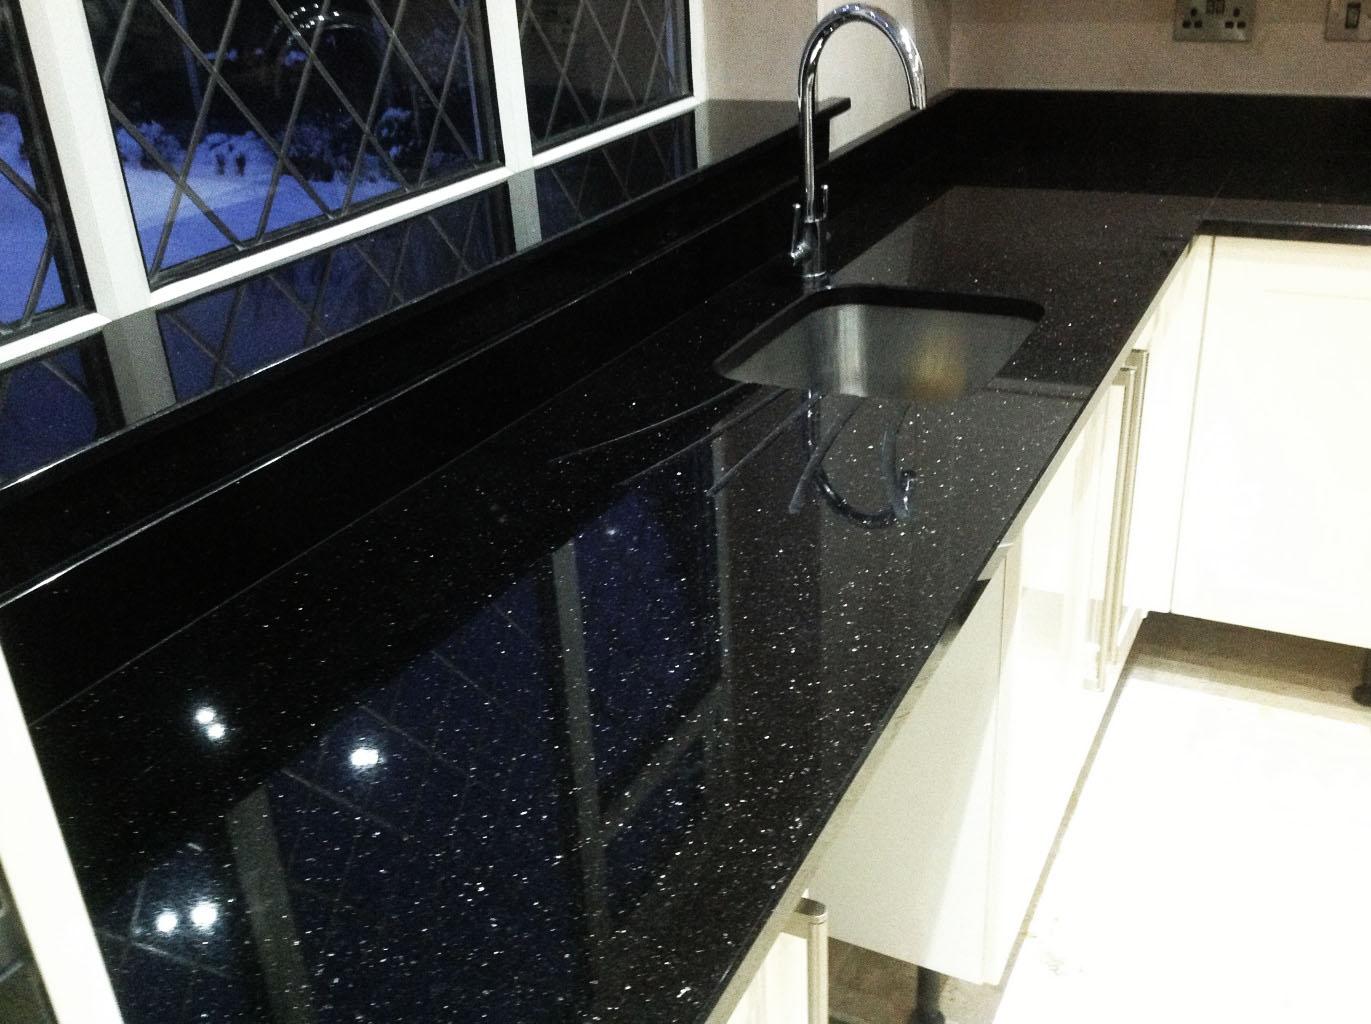 Full Size of Silestone Oder Granit Treffen Sie Eine Gute Entscheidung Granitplatten Küche Arbeitsplatten Sideboard Mit Arbeitsplatte Wohnzimmer Granit Arbeitsplatte